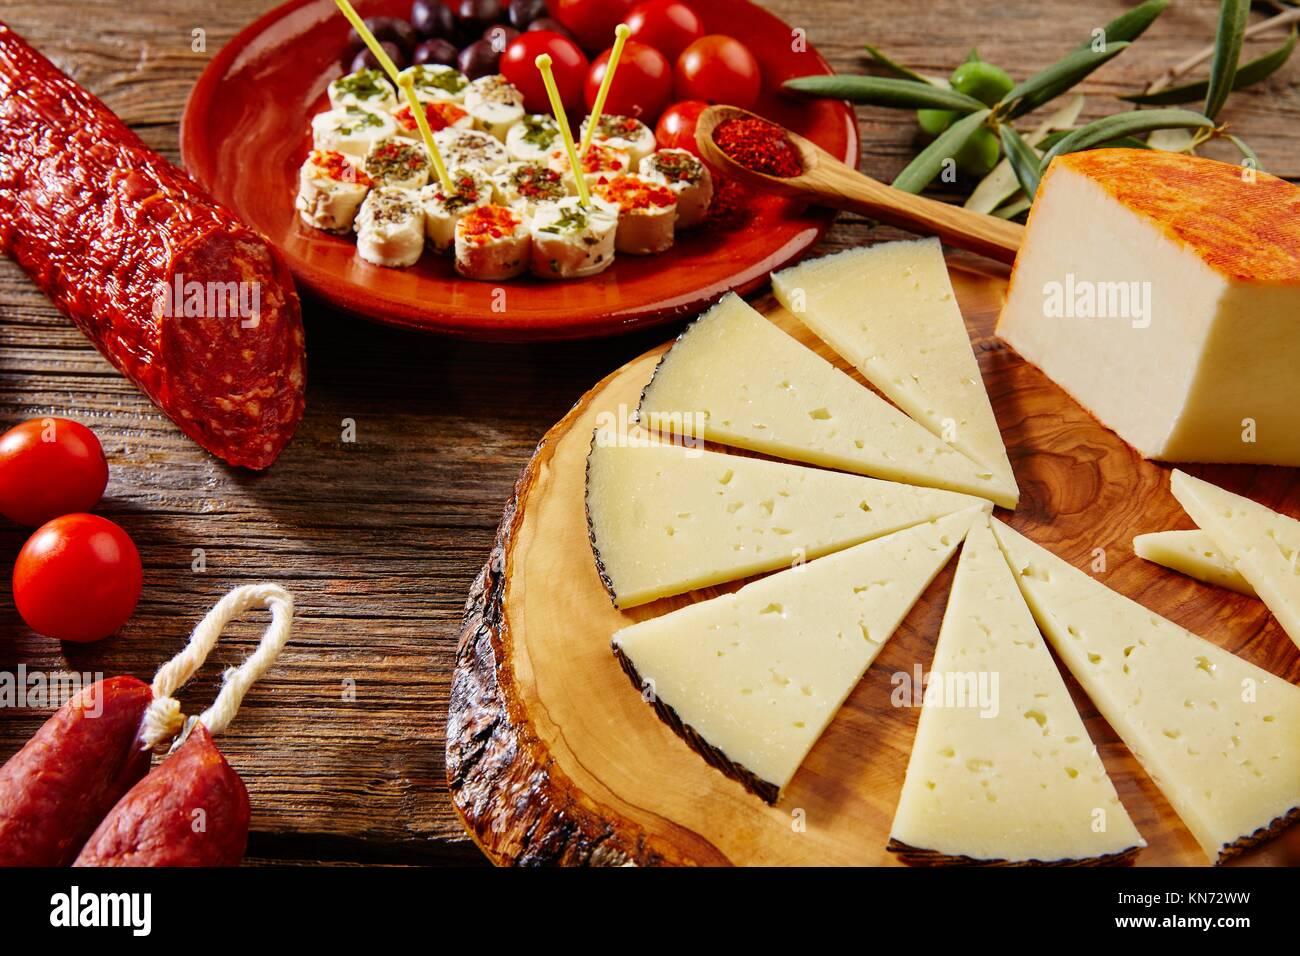 Tapas wurst Mix aus Spanien Jamon Iberico lomo Käse, Schinken, Chorizo Oliven. Stockbild